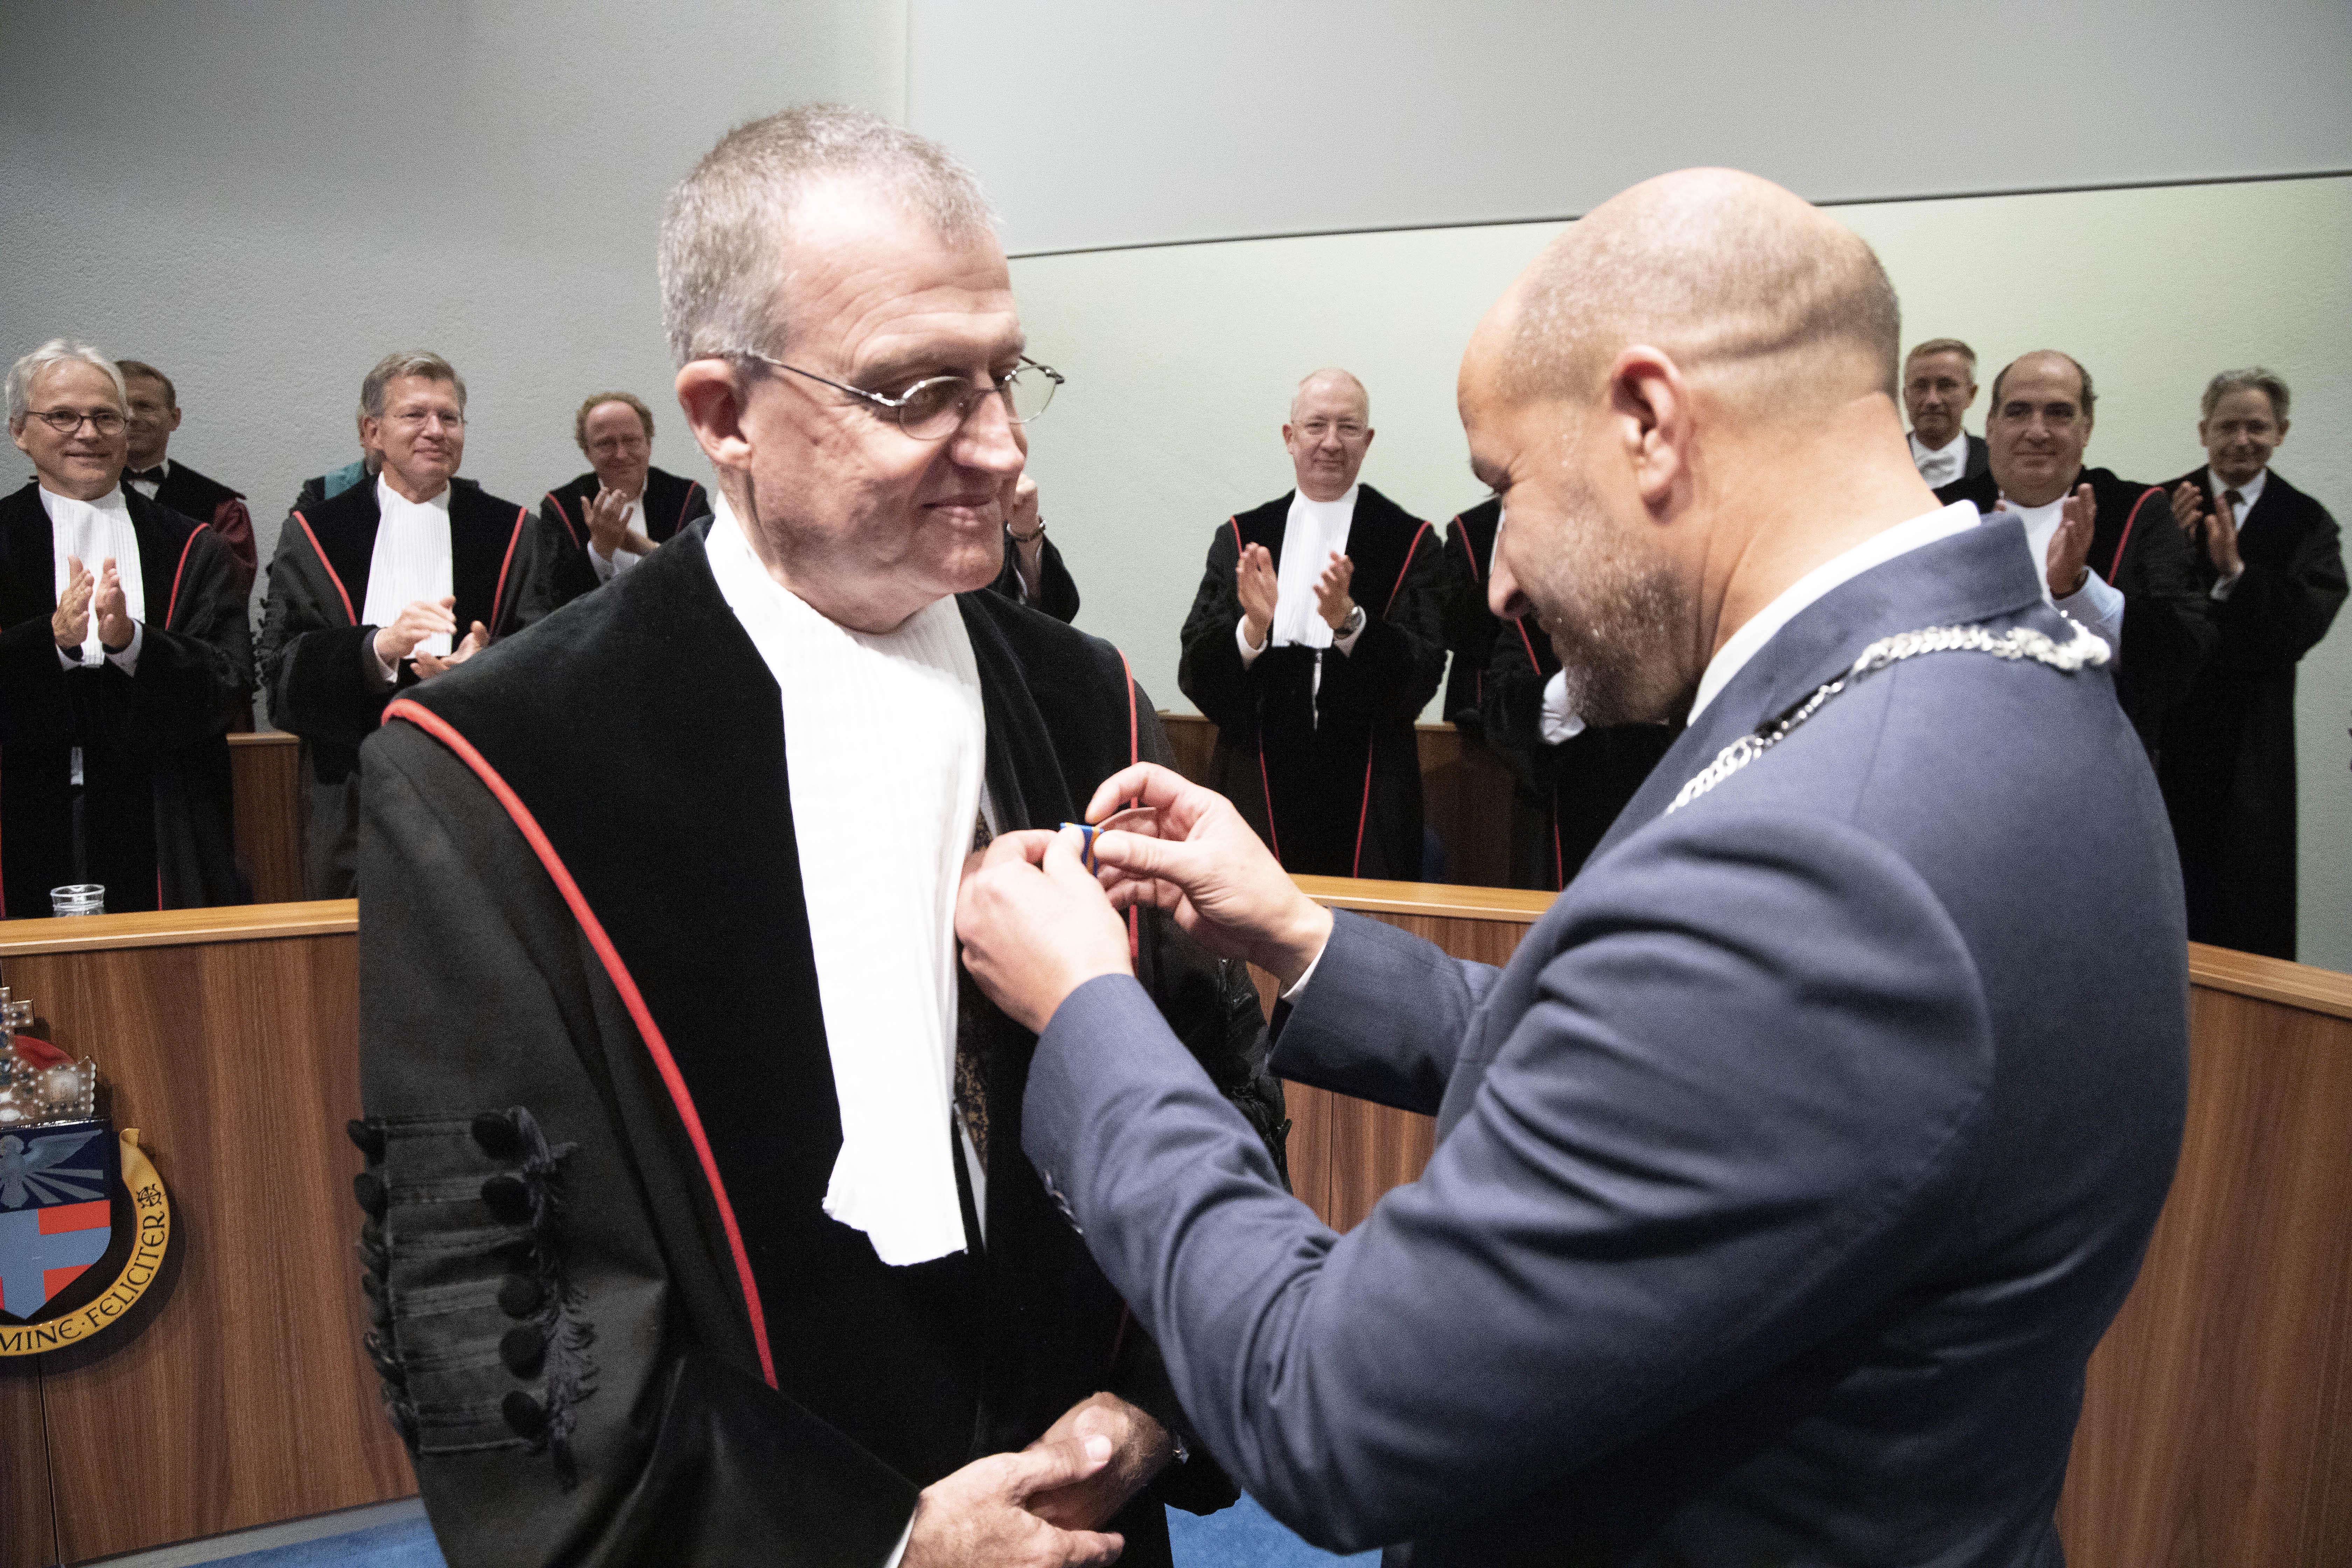 Andre Grotenhuis benoemd tot Ridder in de Orde van de Nederlandse Leeuw